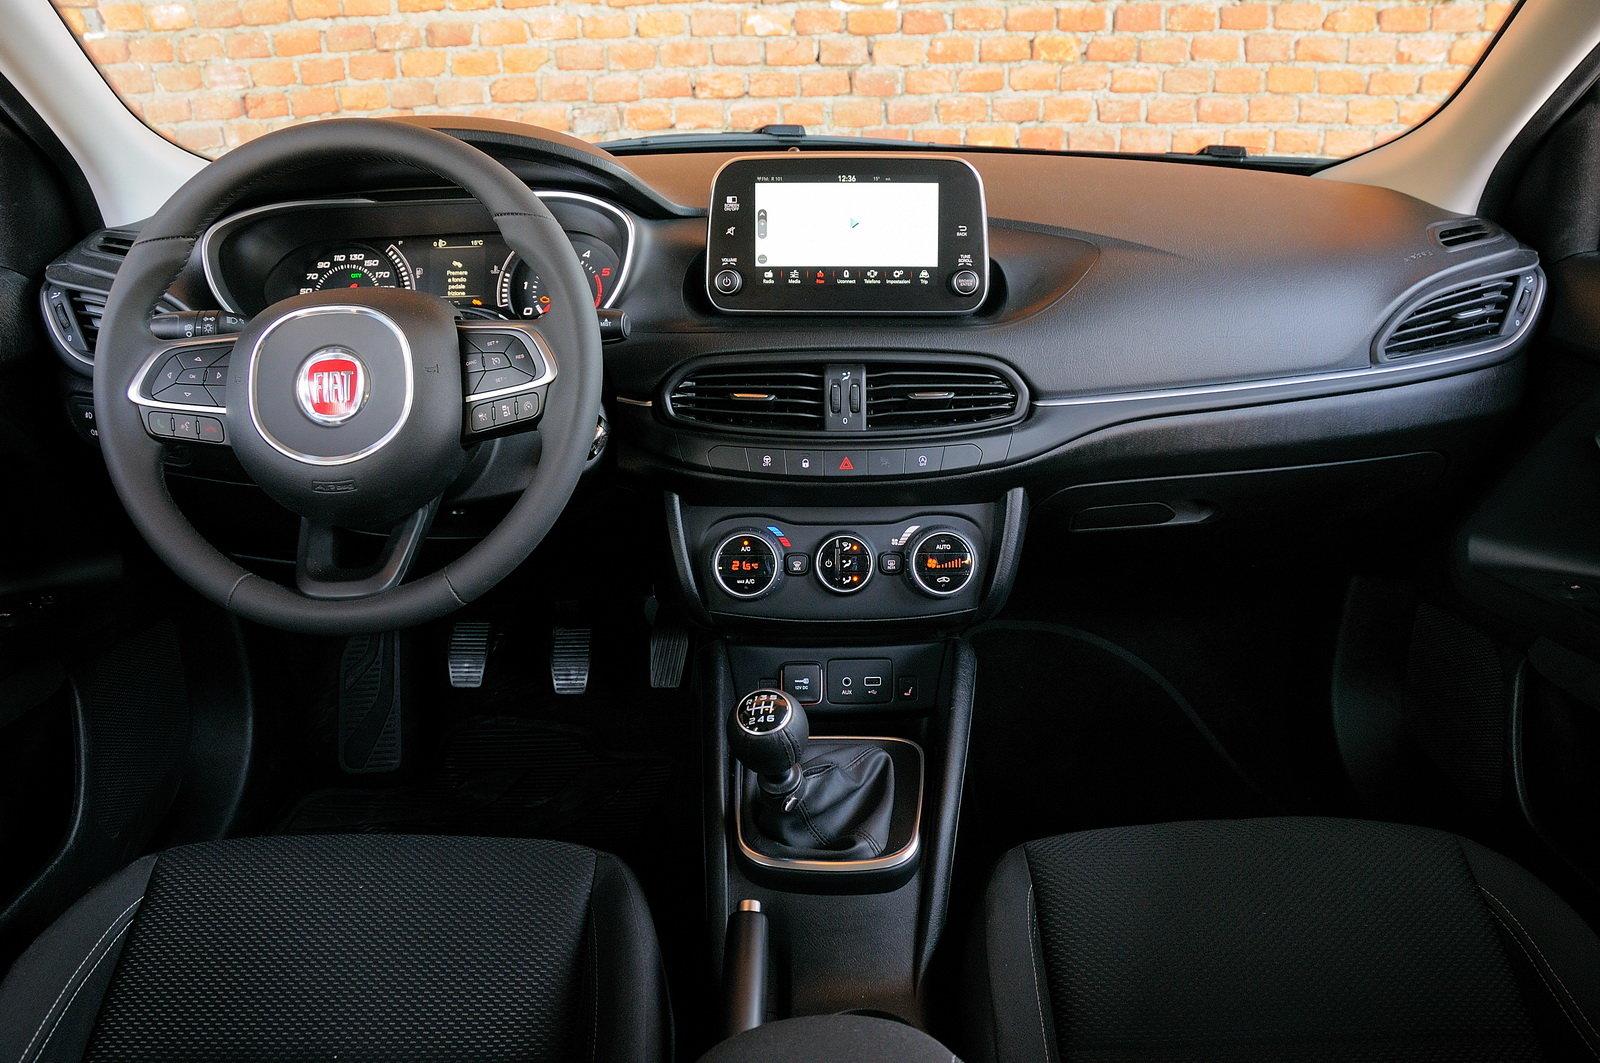 Prova Fiat Tipo 5 Porte Scheda Tecnica Opinioni E Dimensioni 1 6